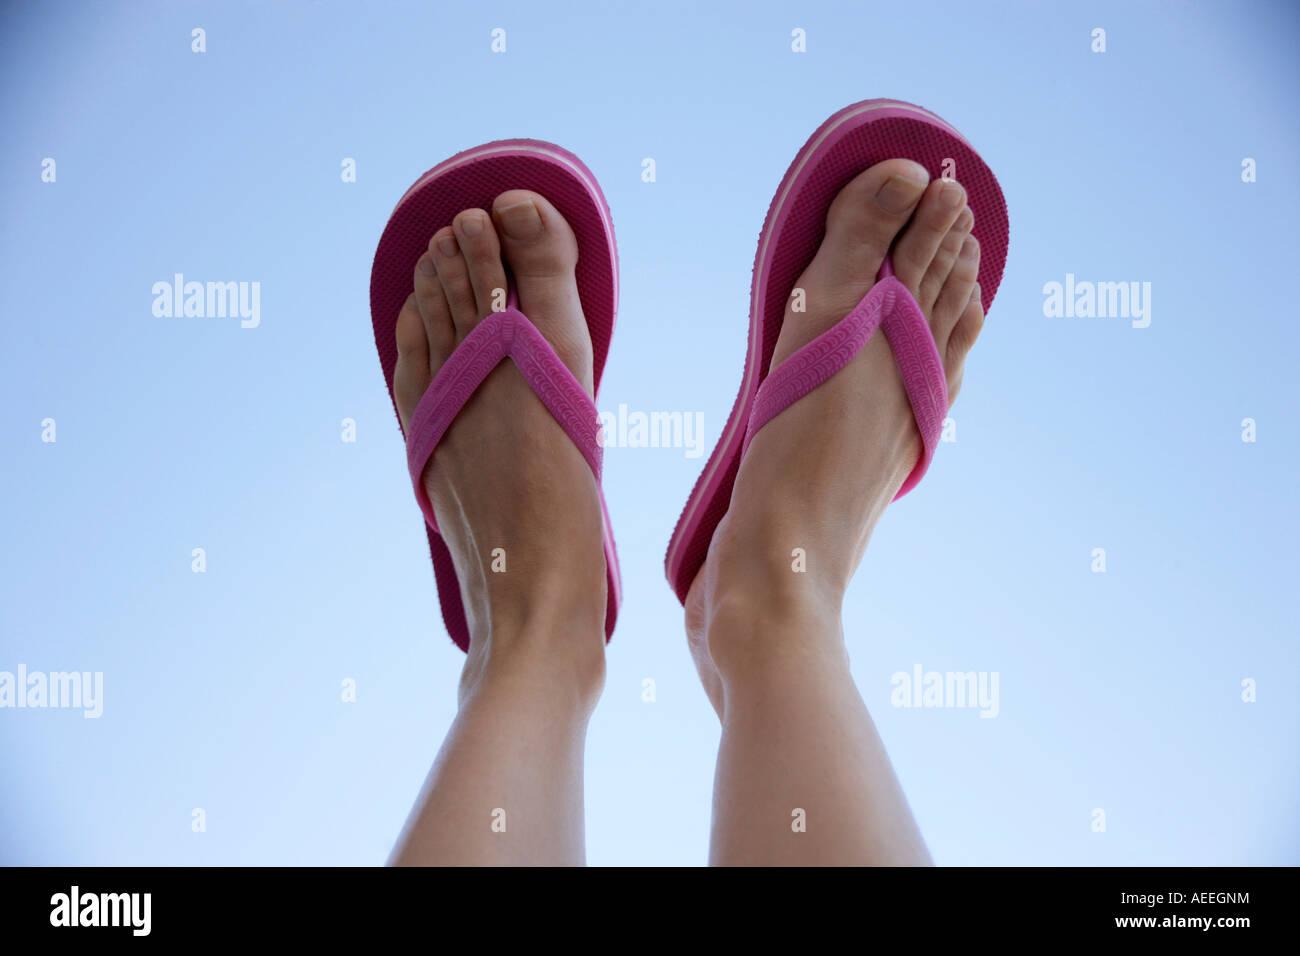 Coppia di piedini in flip-flop contro il cielo blu Immagini Stock